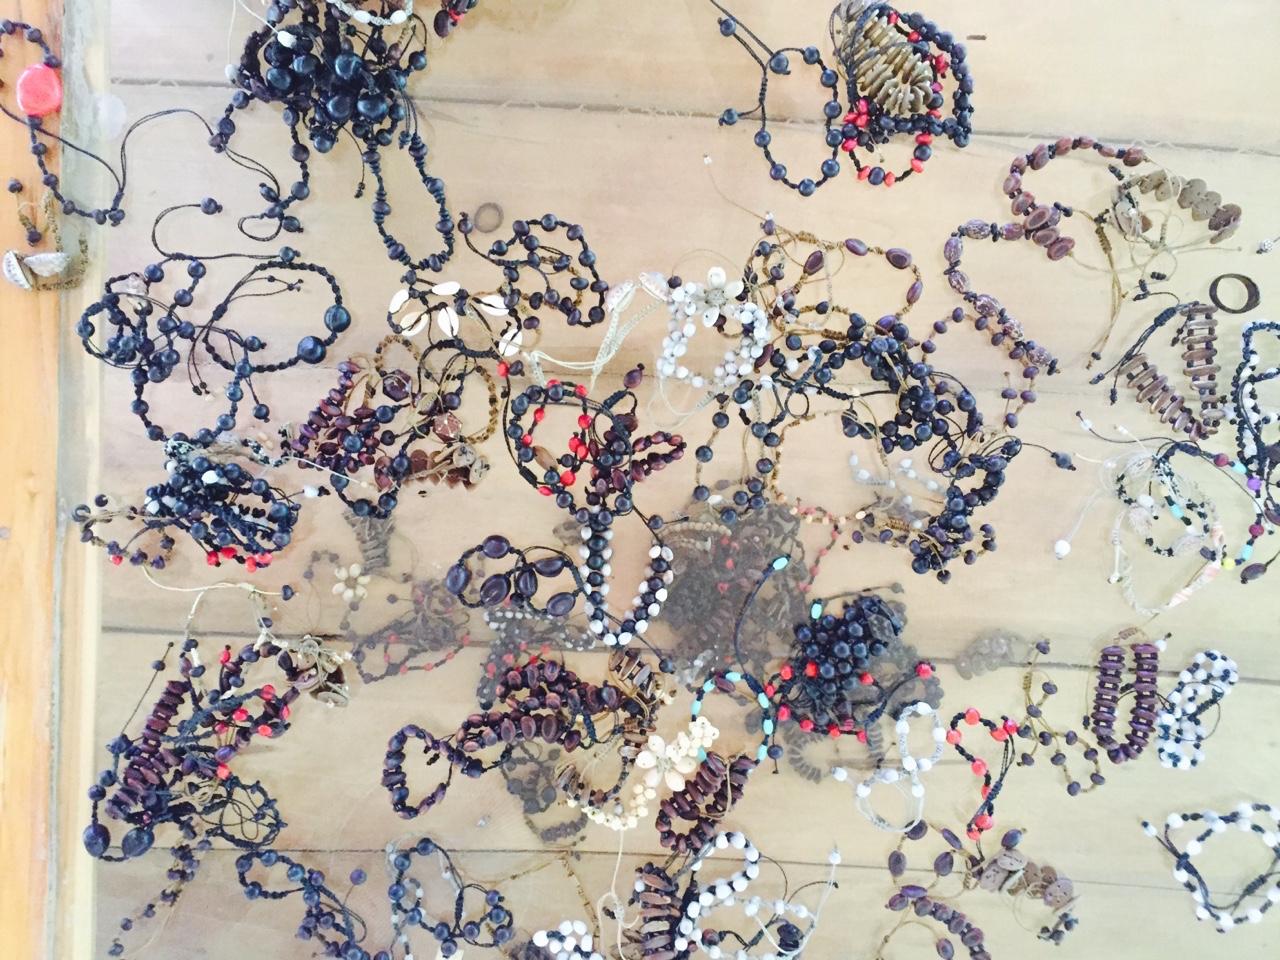 Work by Las Artesanas (female jewelrs).